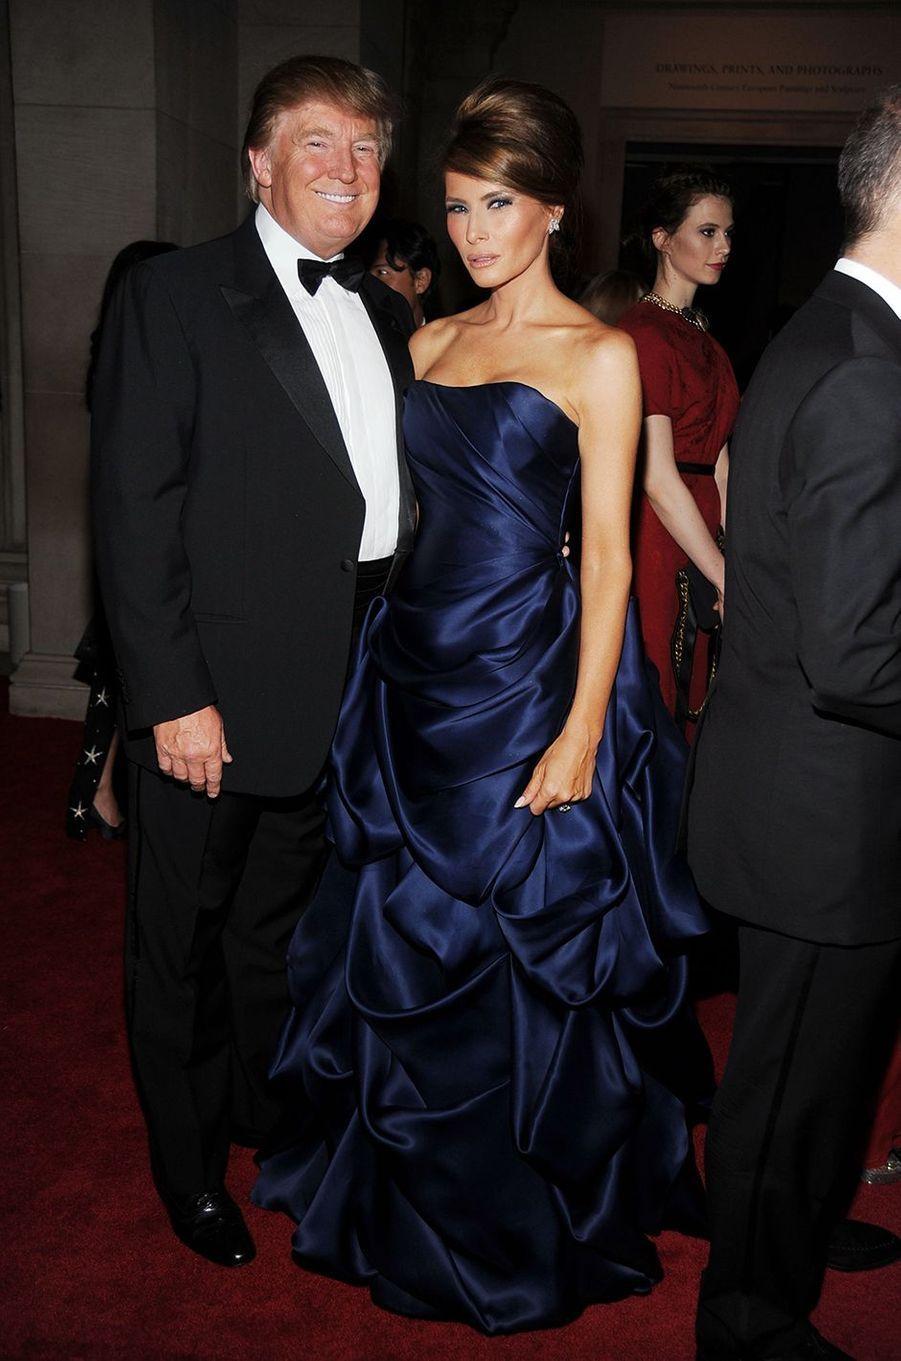 Donald et Melania Trumpau Met Gala à New York le 3 mai 2010